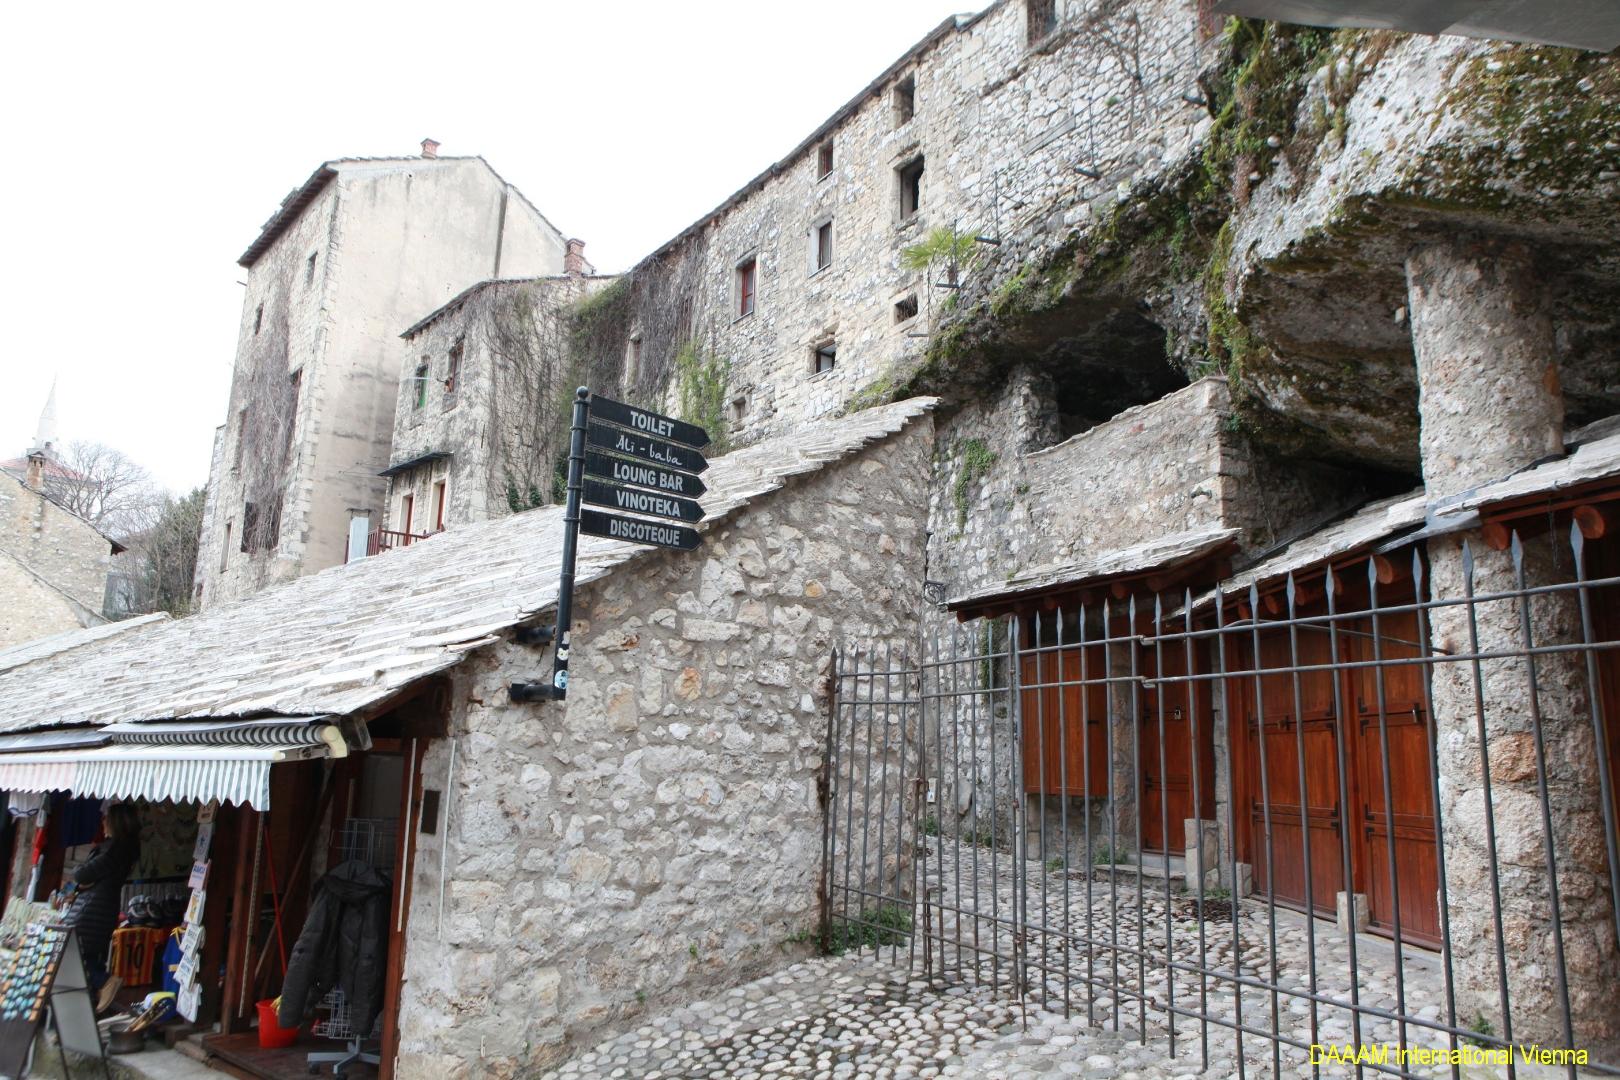 DAAAM_2016_Mostar_01_Magic_City_of_Mostar_088